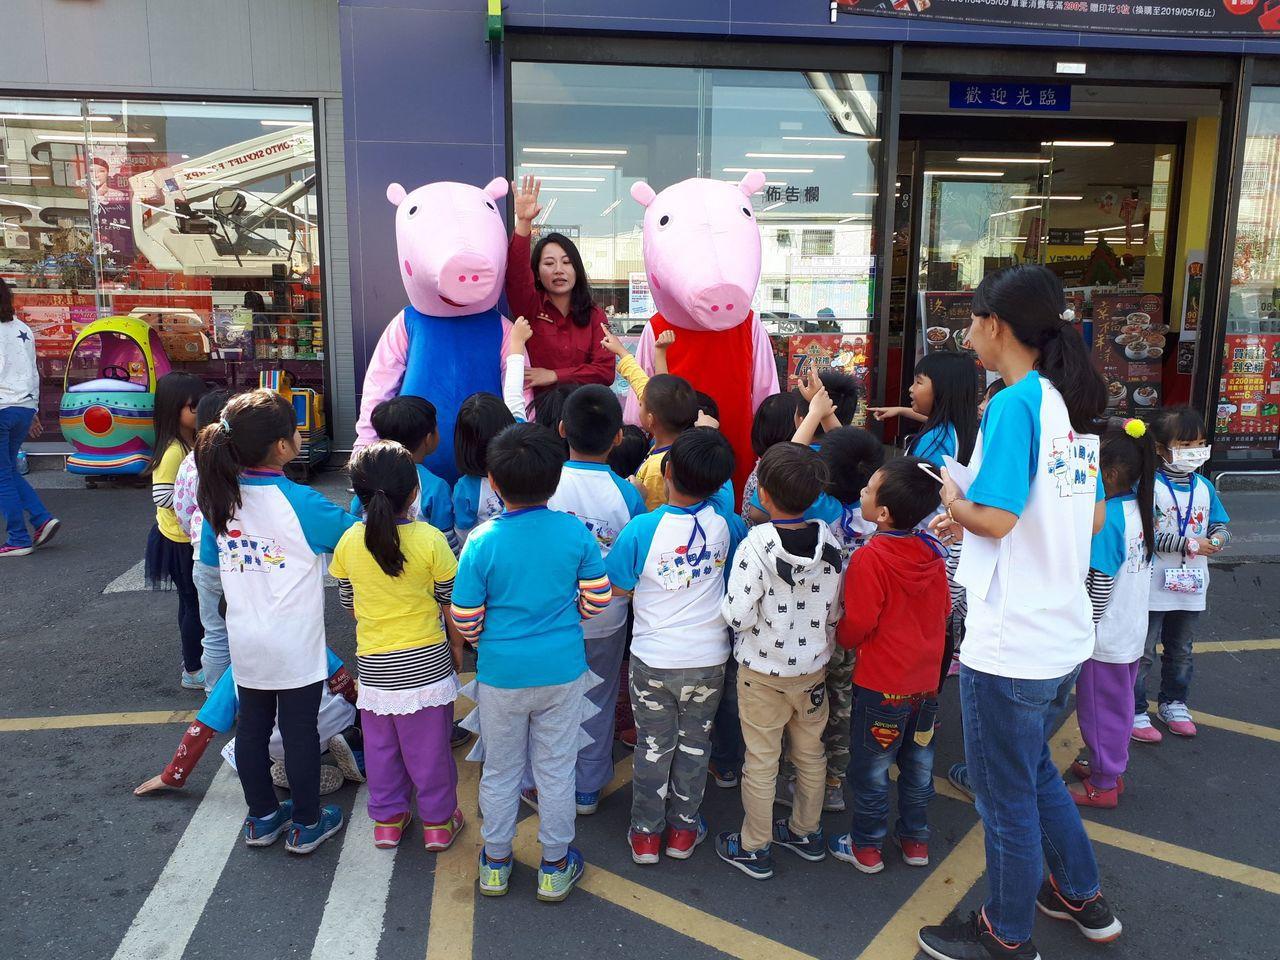 台南市政府消防局第二大隊舉辦消防搶救演習及防火宣導活動,出動消防「P.P豬」擔任...